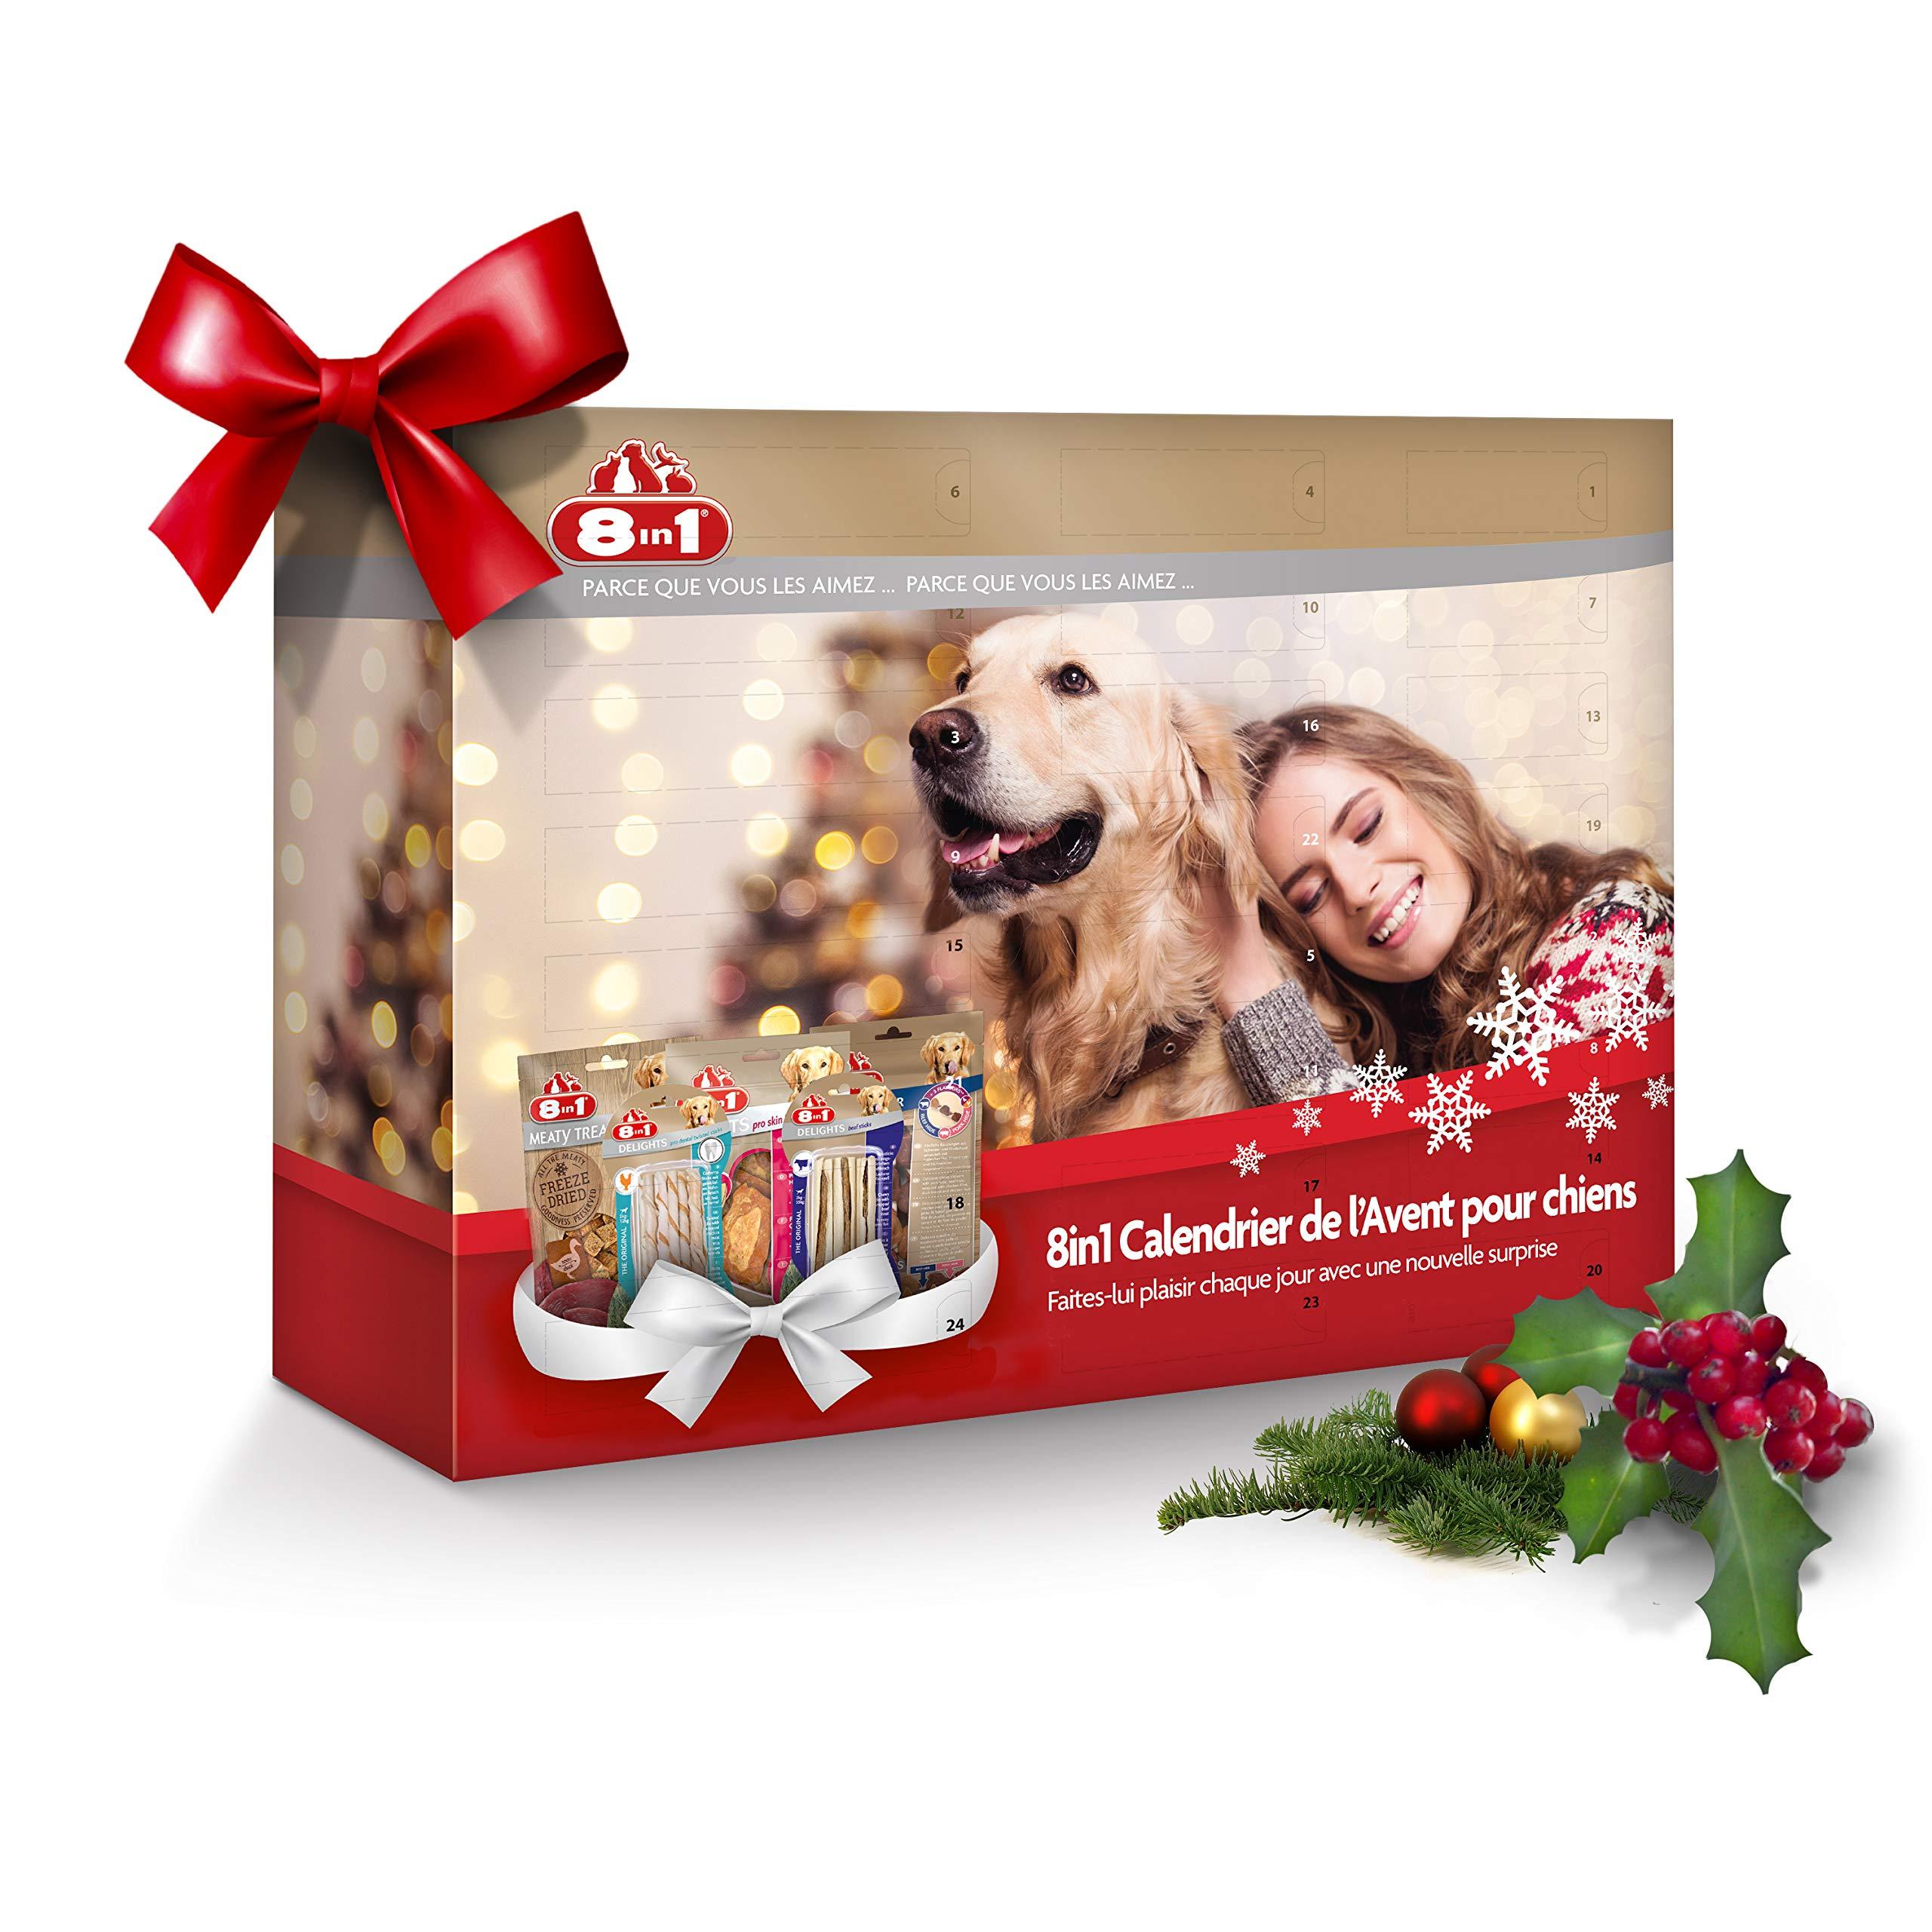 Calendrier De Lavent Pour Animaux.Details Sur Cadeau Pour Animaux Calendrier De L Avent Cadeau De Noel Pour Chiens Beau Design